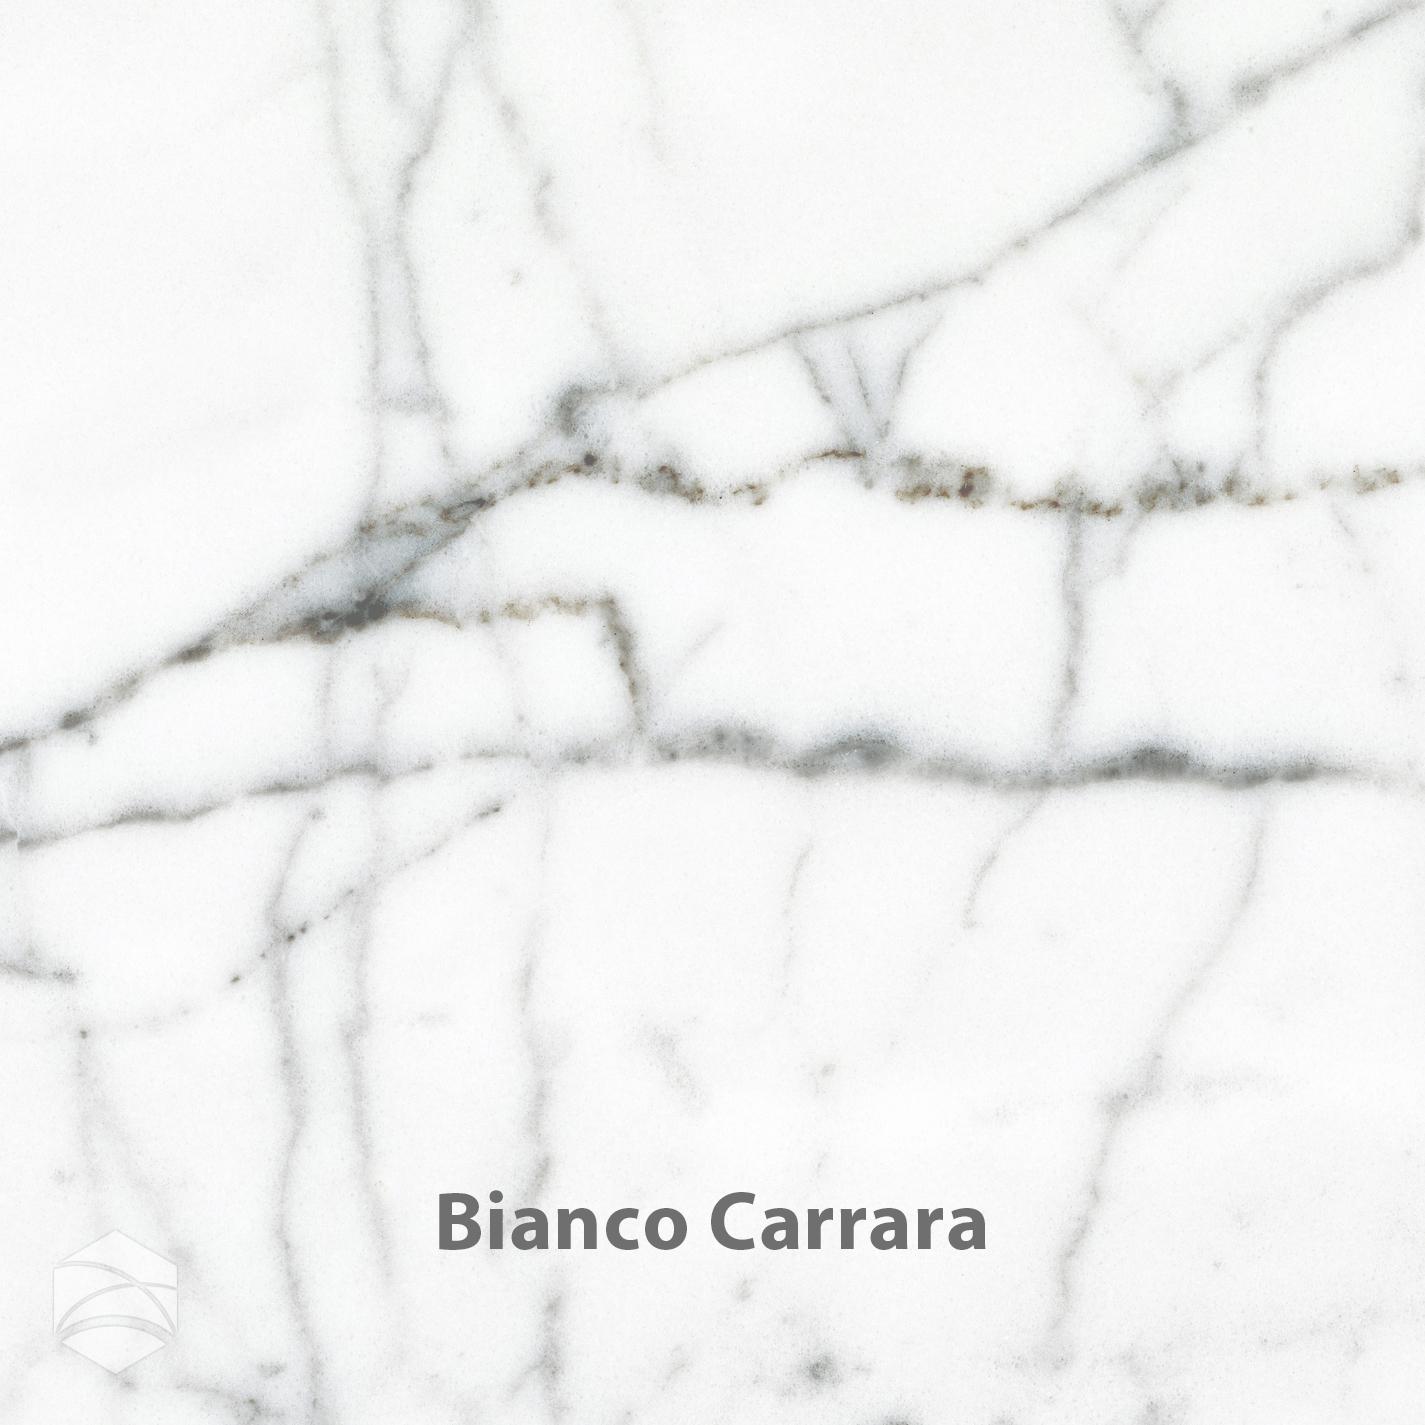 Bianco Carrara_V2_14x14.jpg